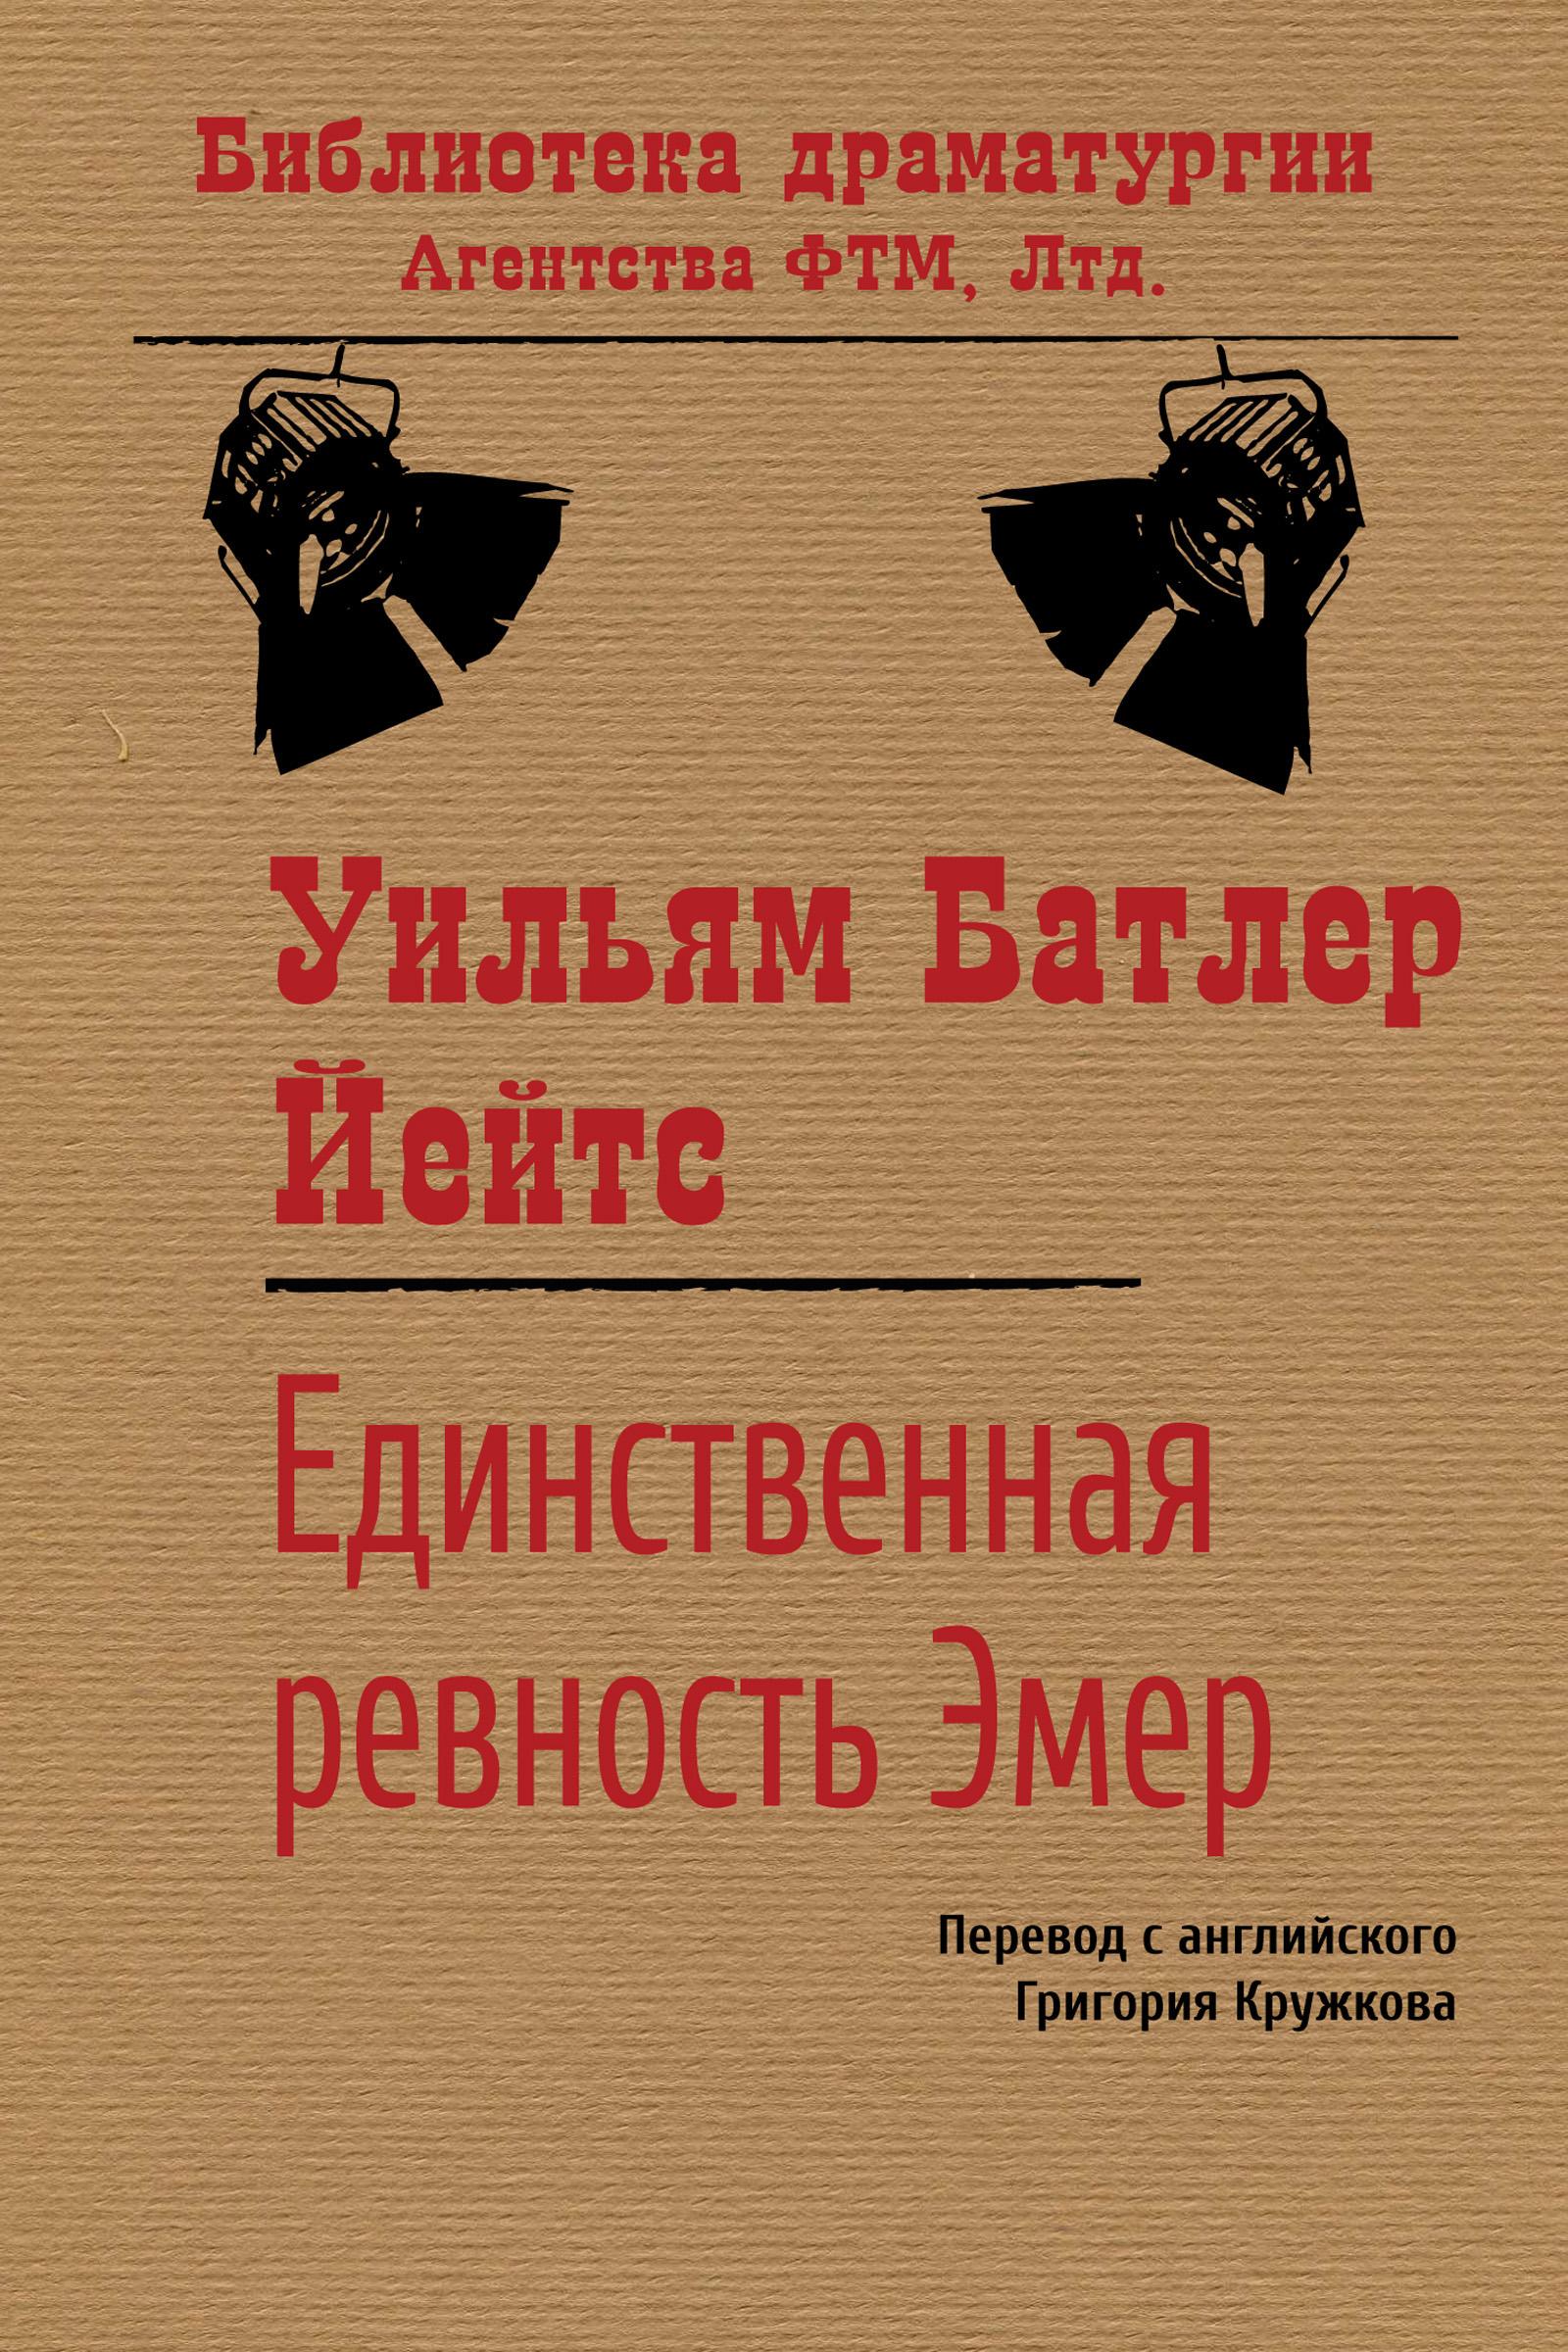 Уильям Батлер Йейтс Единственная ревность Эмер уильям батлер йейтс английская коллекция уильям батлер йейтс рассказы о рыжем ханрахане w в yeats stories of red hanrahan